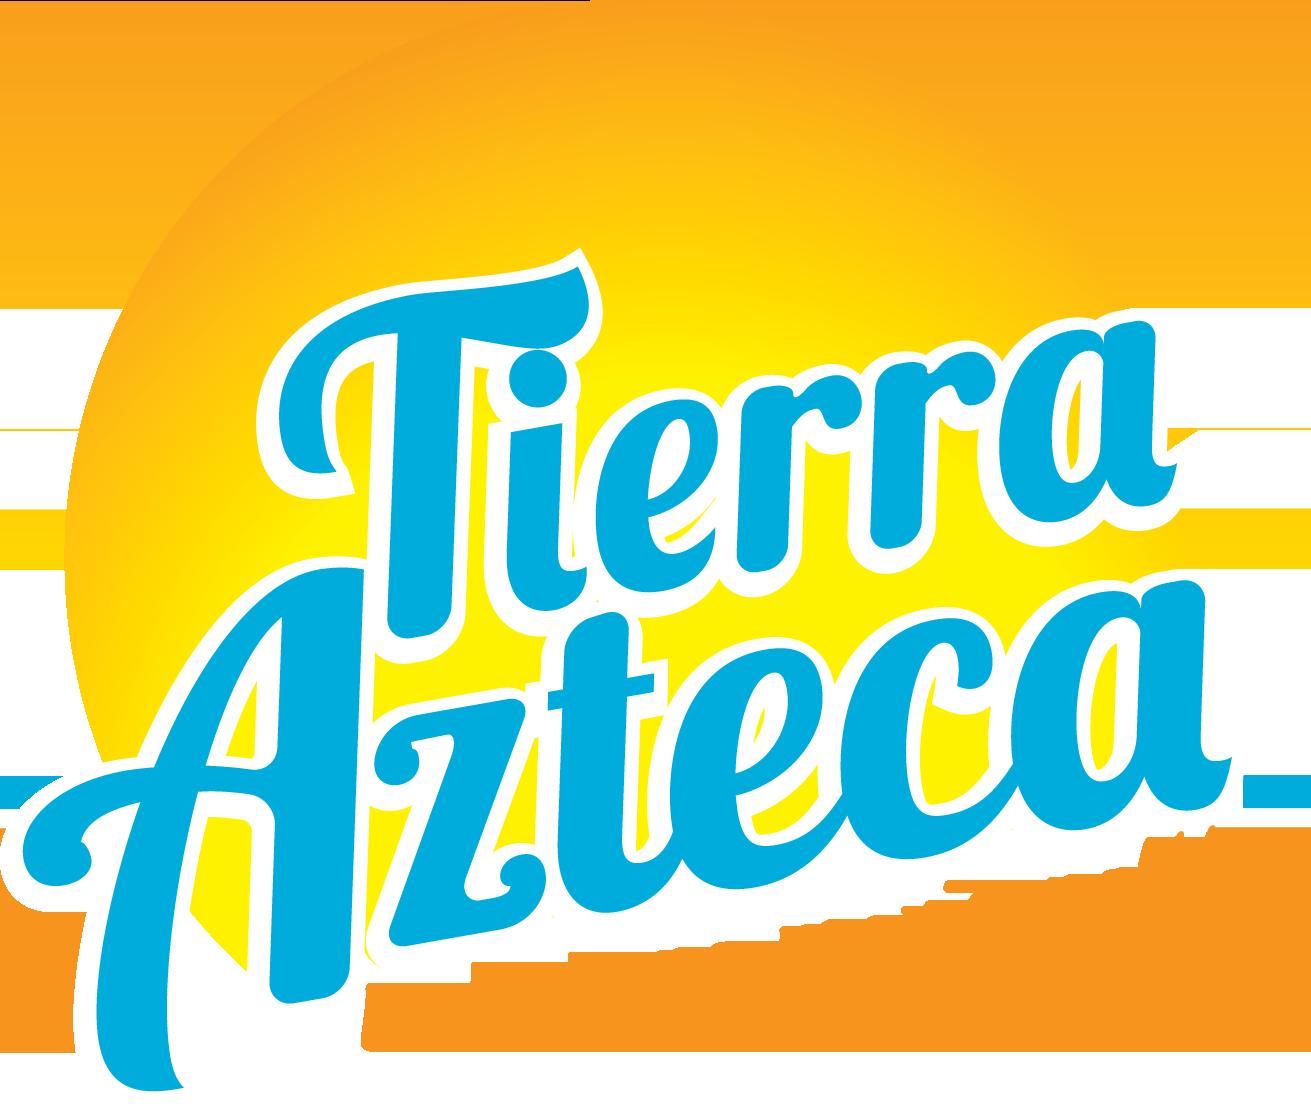 tierra-azteca-logo